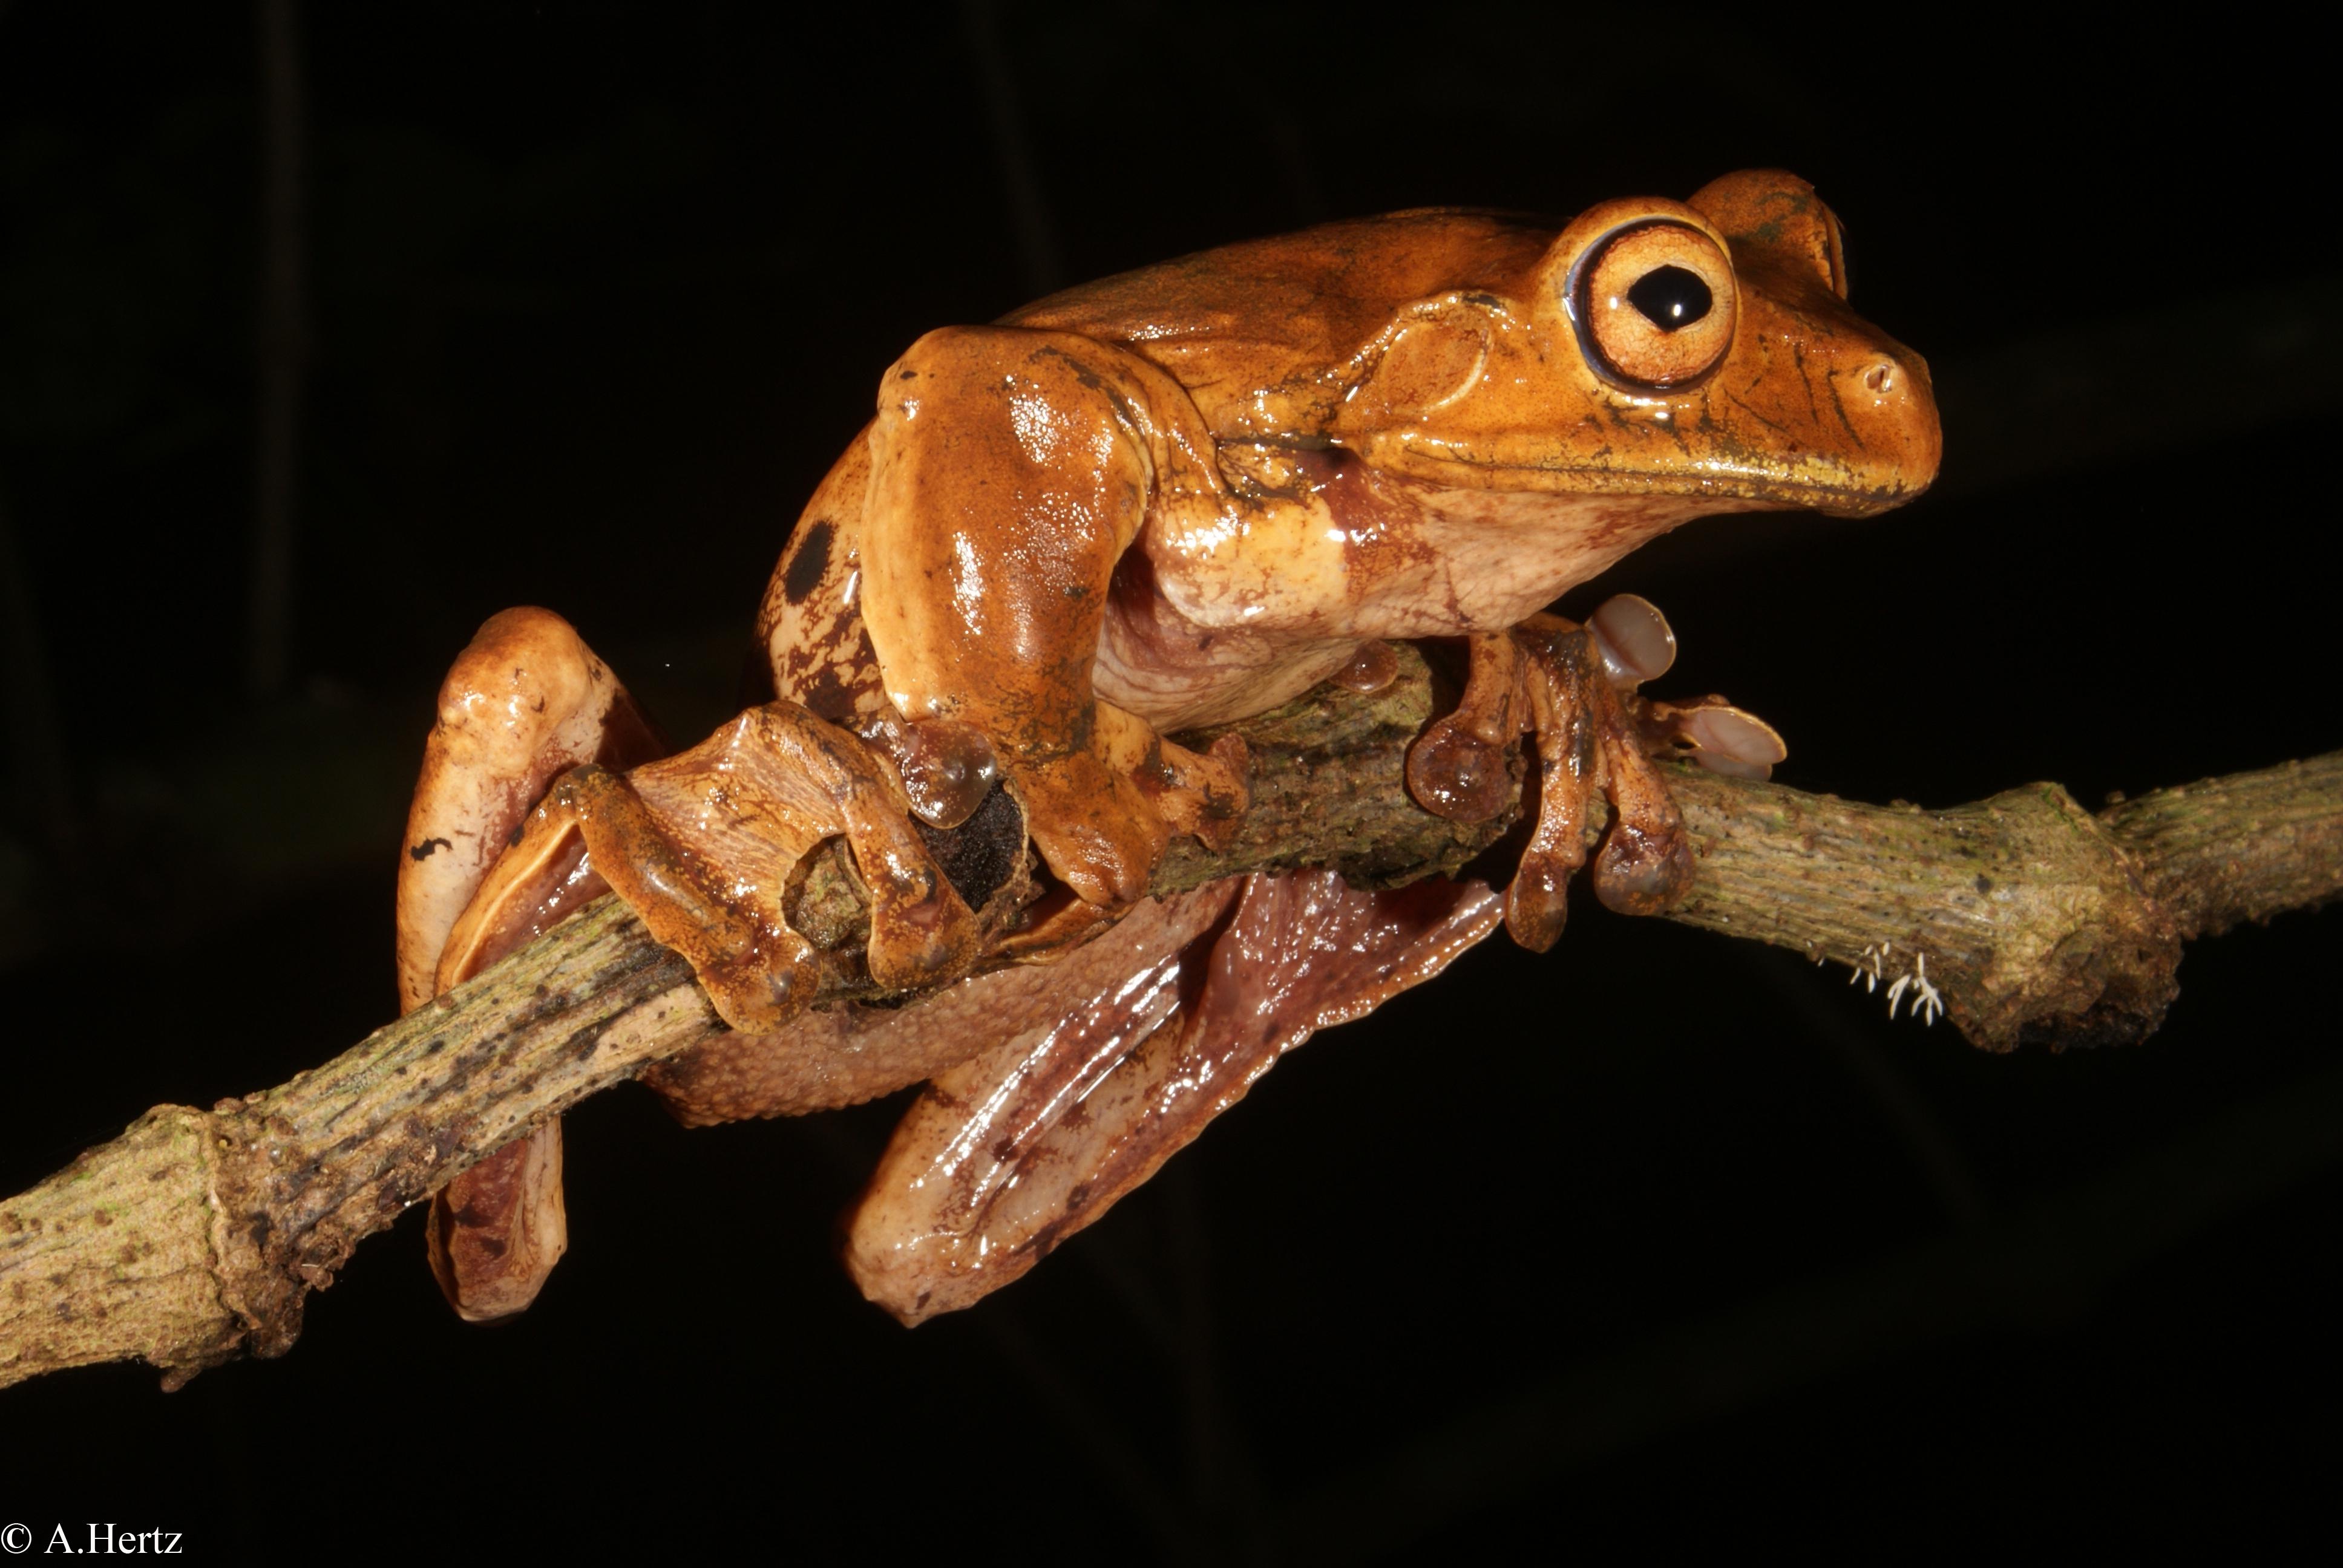 Fringe-limbed tree frog (Ecnomiohyla fimbrimembra)